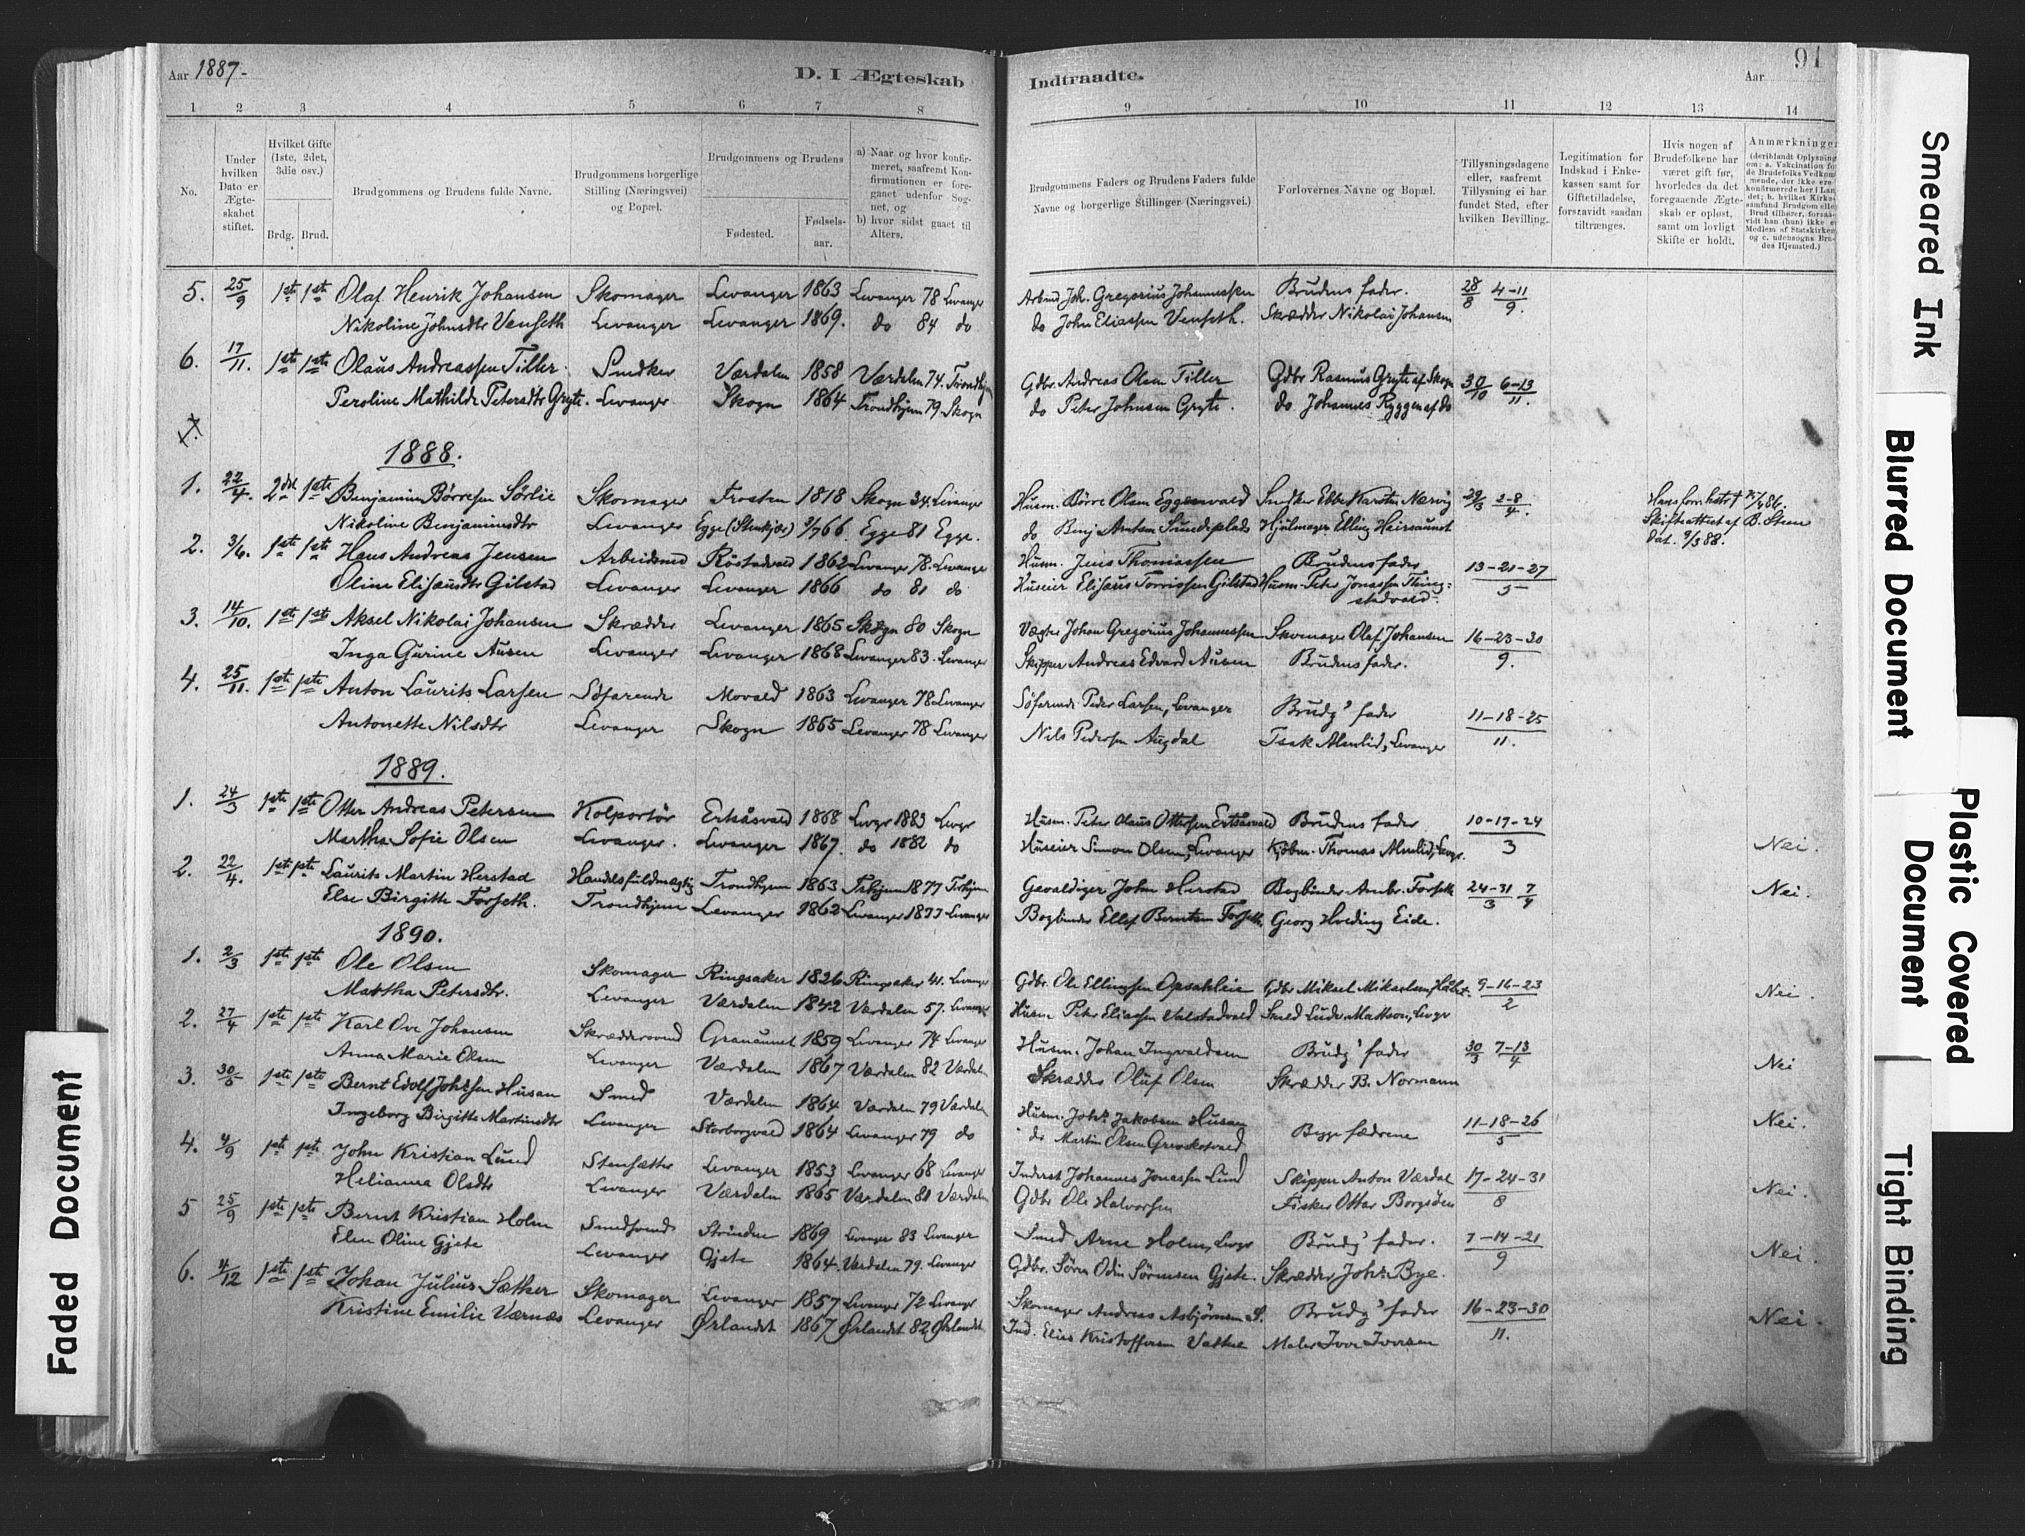 SAT, Ministerialprotokoller, klokkerbøker og fødselsregistre - Nord-Trøndelag, 720/L0189: Ministerialbok nr. 720A05, 1880-1911, s. 91